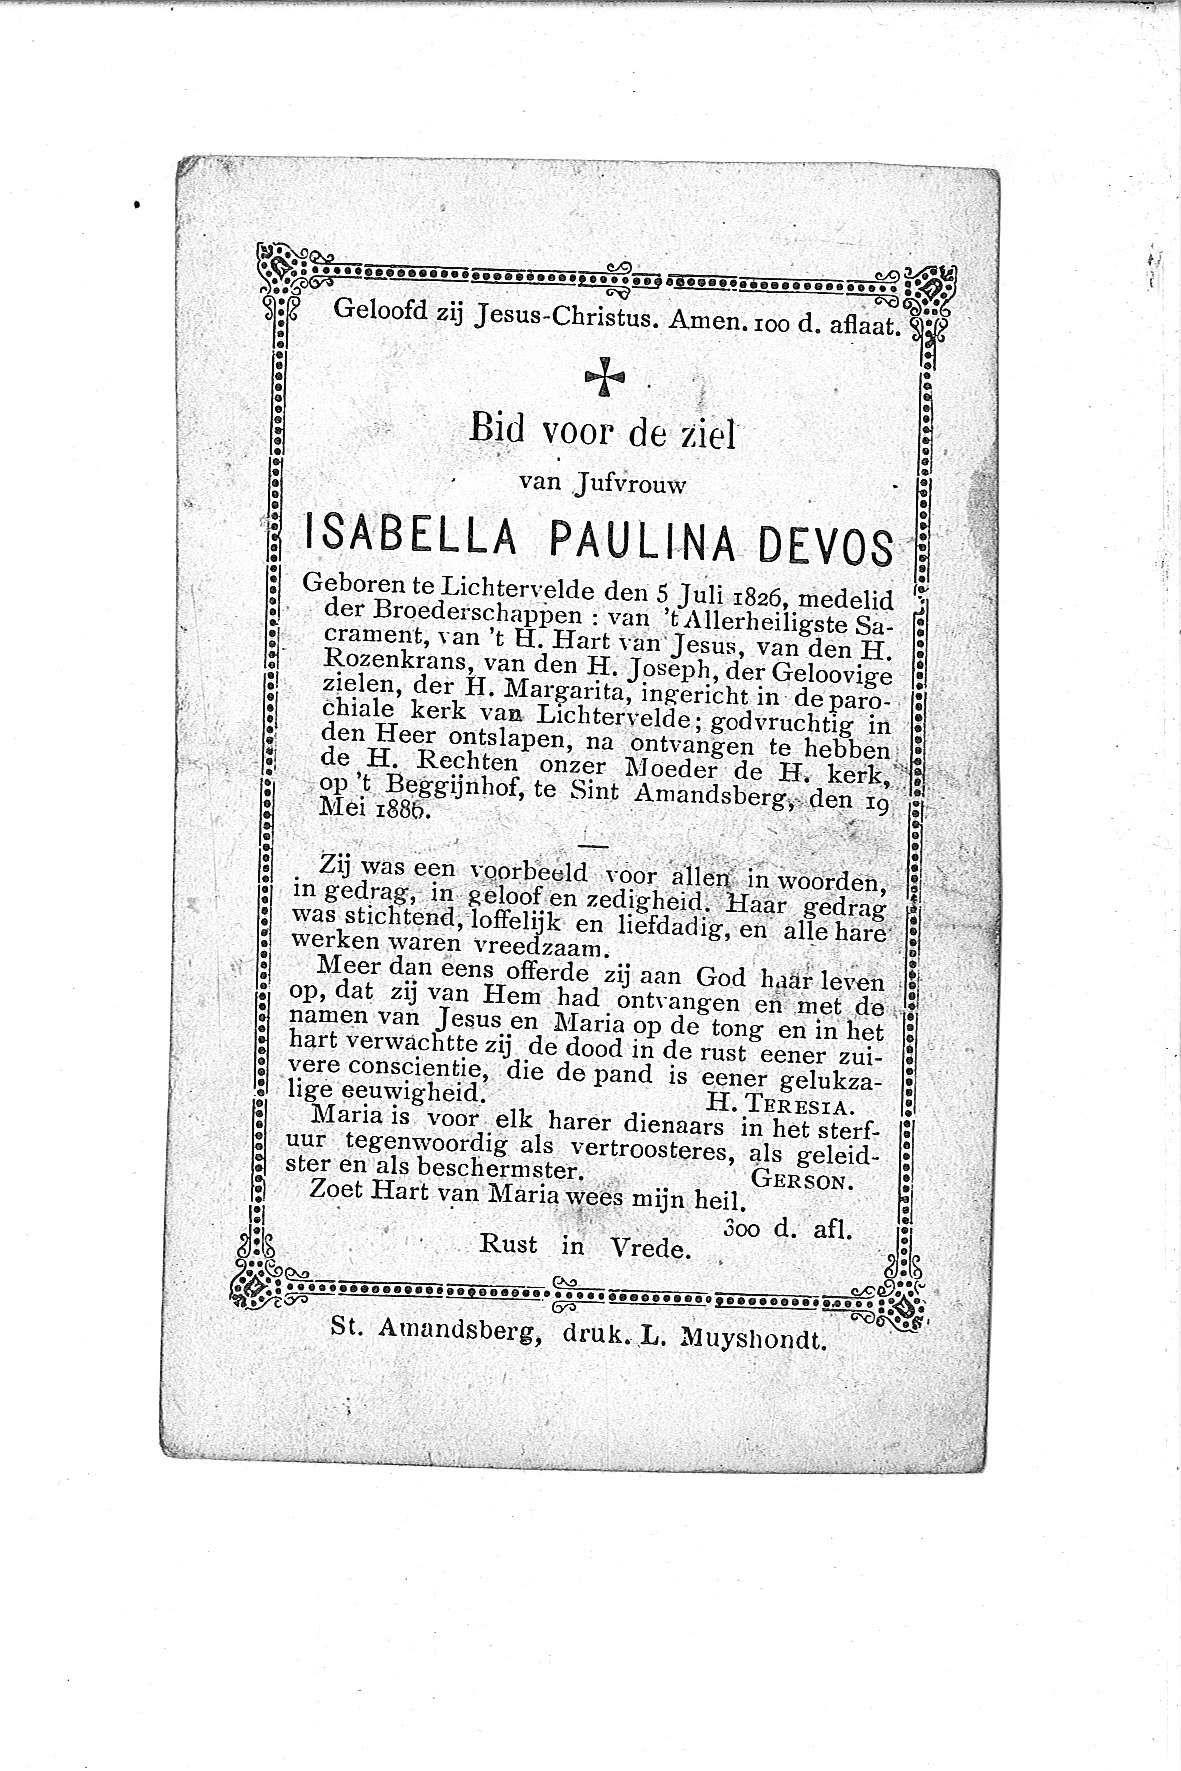 Isabella Paulina (1886) 20120301151739_00106.jpg